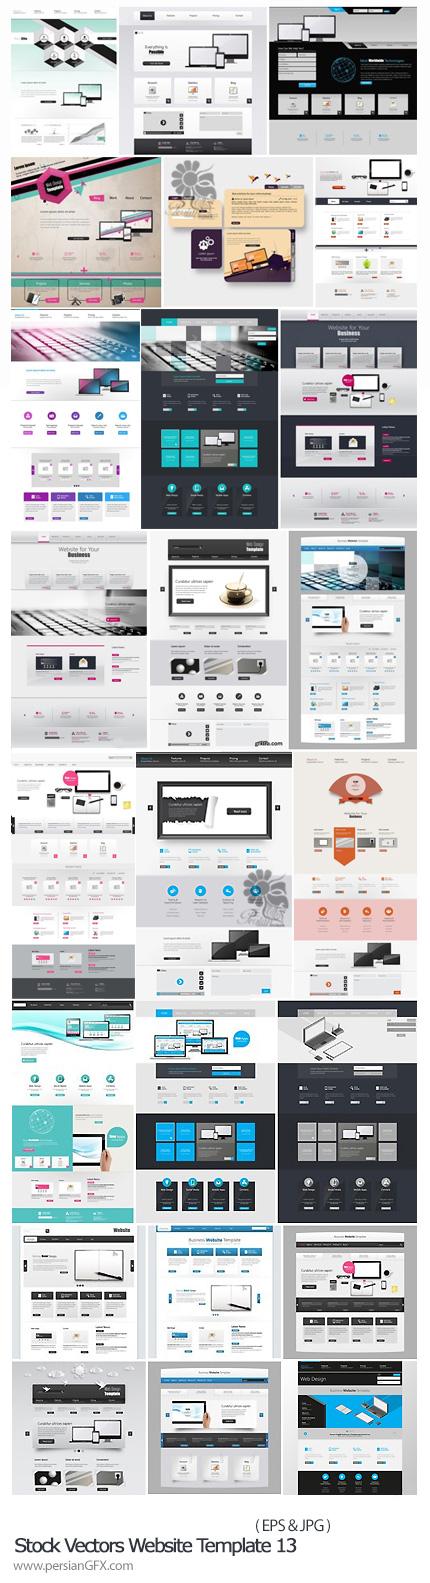 دانلود تصاویر وکتور قالب های آماده وب - Stock Vectors Website Template 13